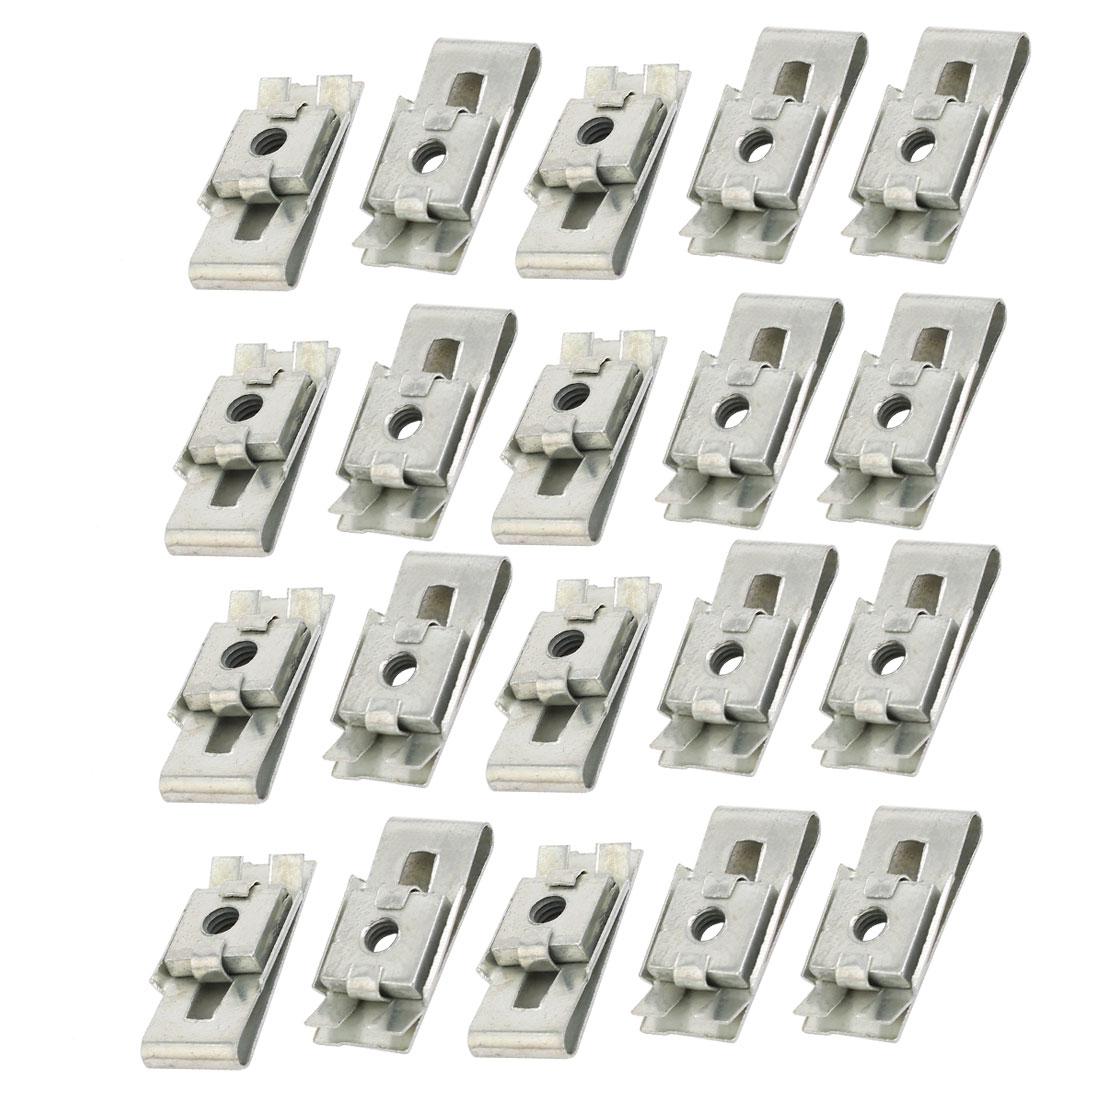 Fit M4 Screw 65Mn Spring Steel U Nut Silver Tone 25mm x 12.5mm 20pcs